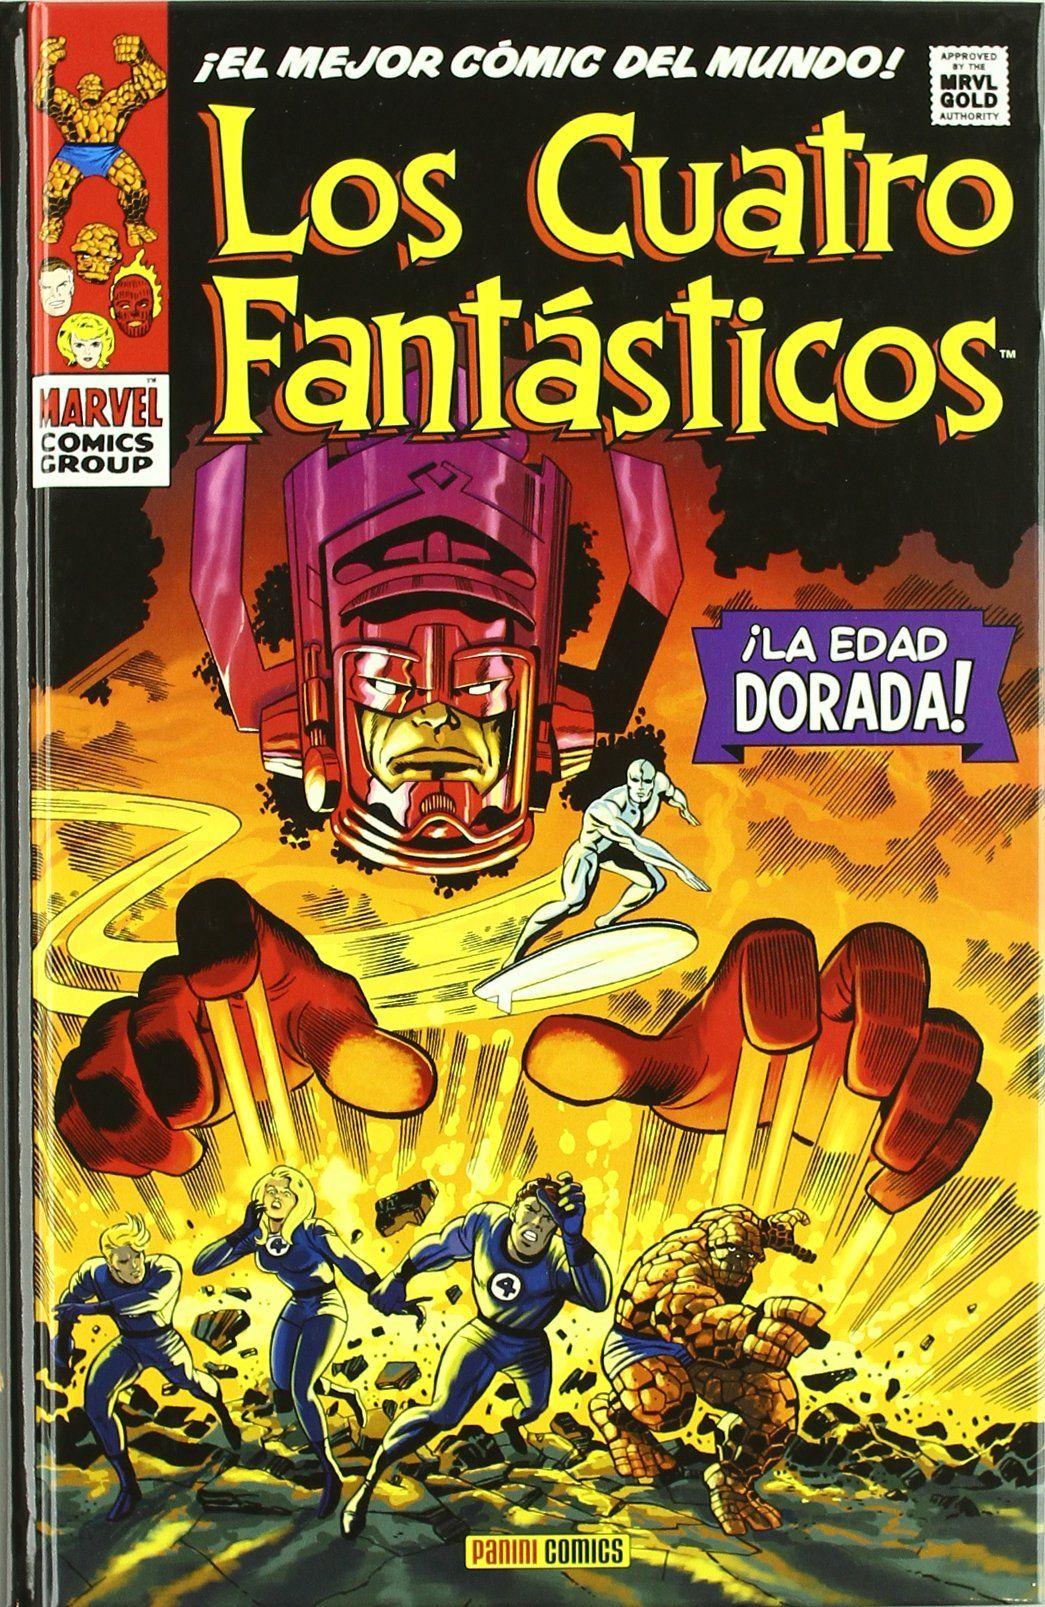 Los Cuatro Fantásticos. ¡La Edad Dorada! (Marvel Gold)Tapa dura